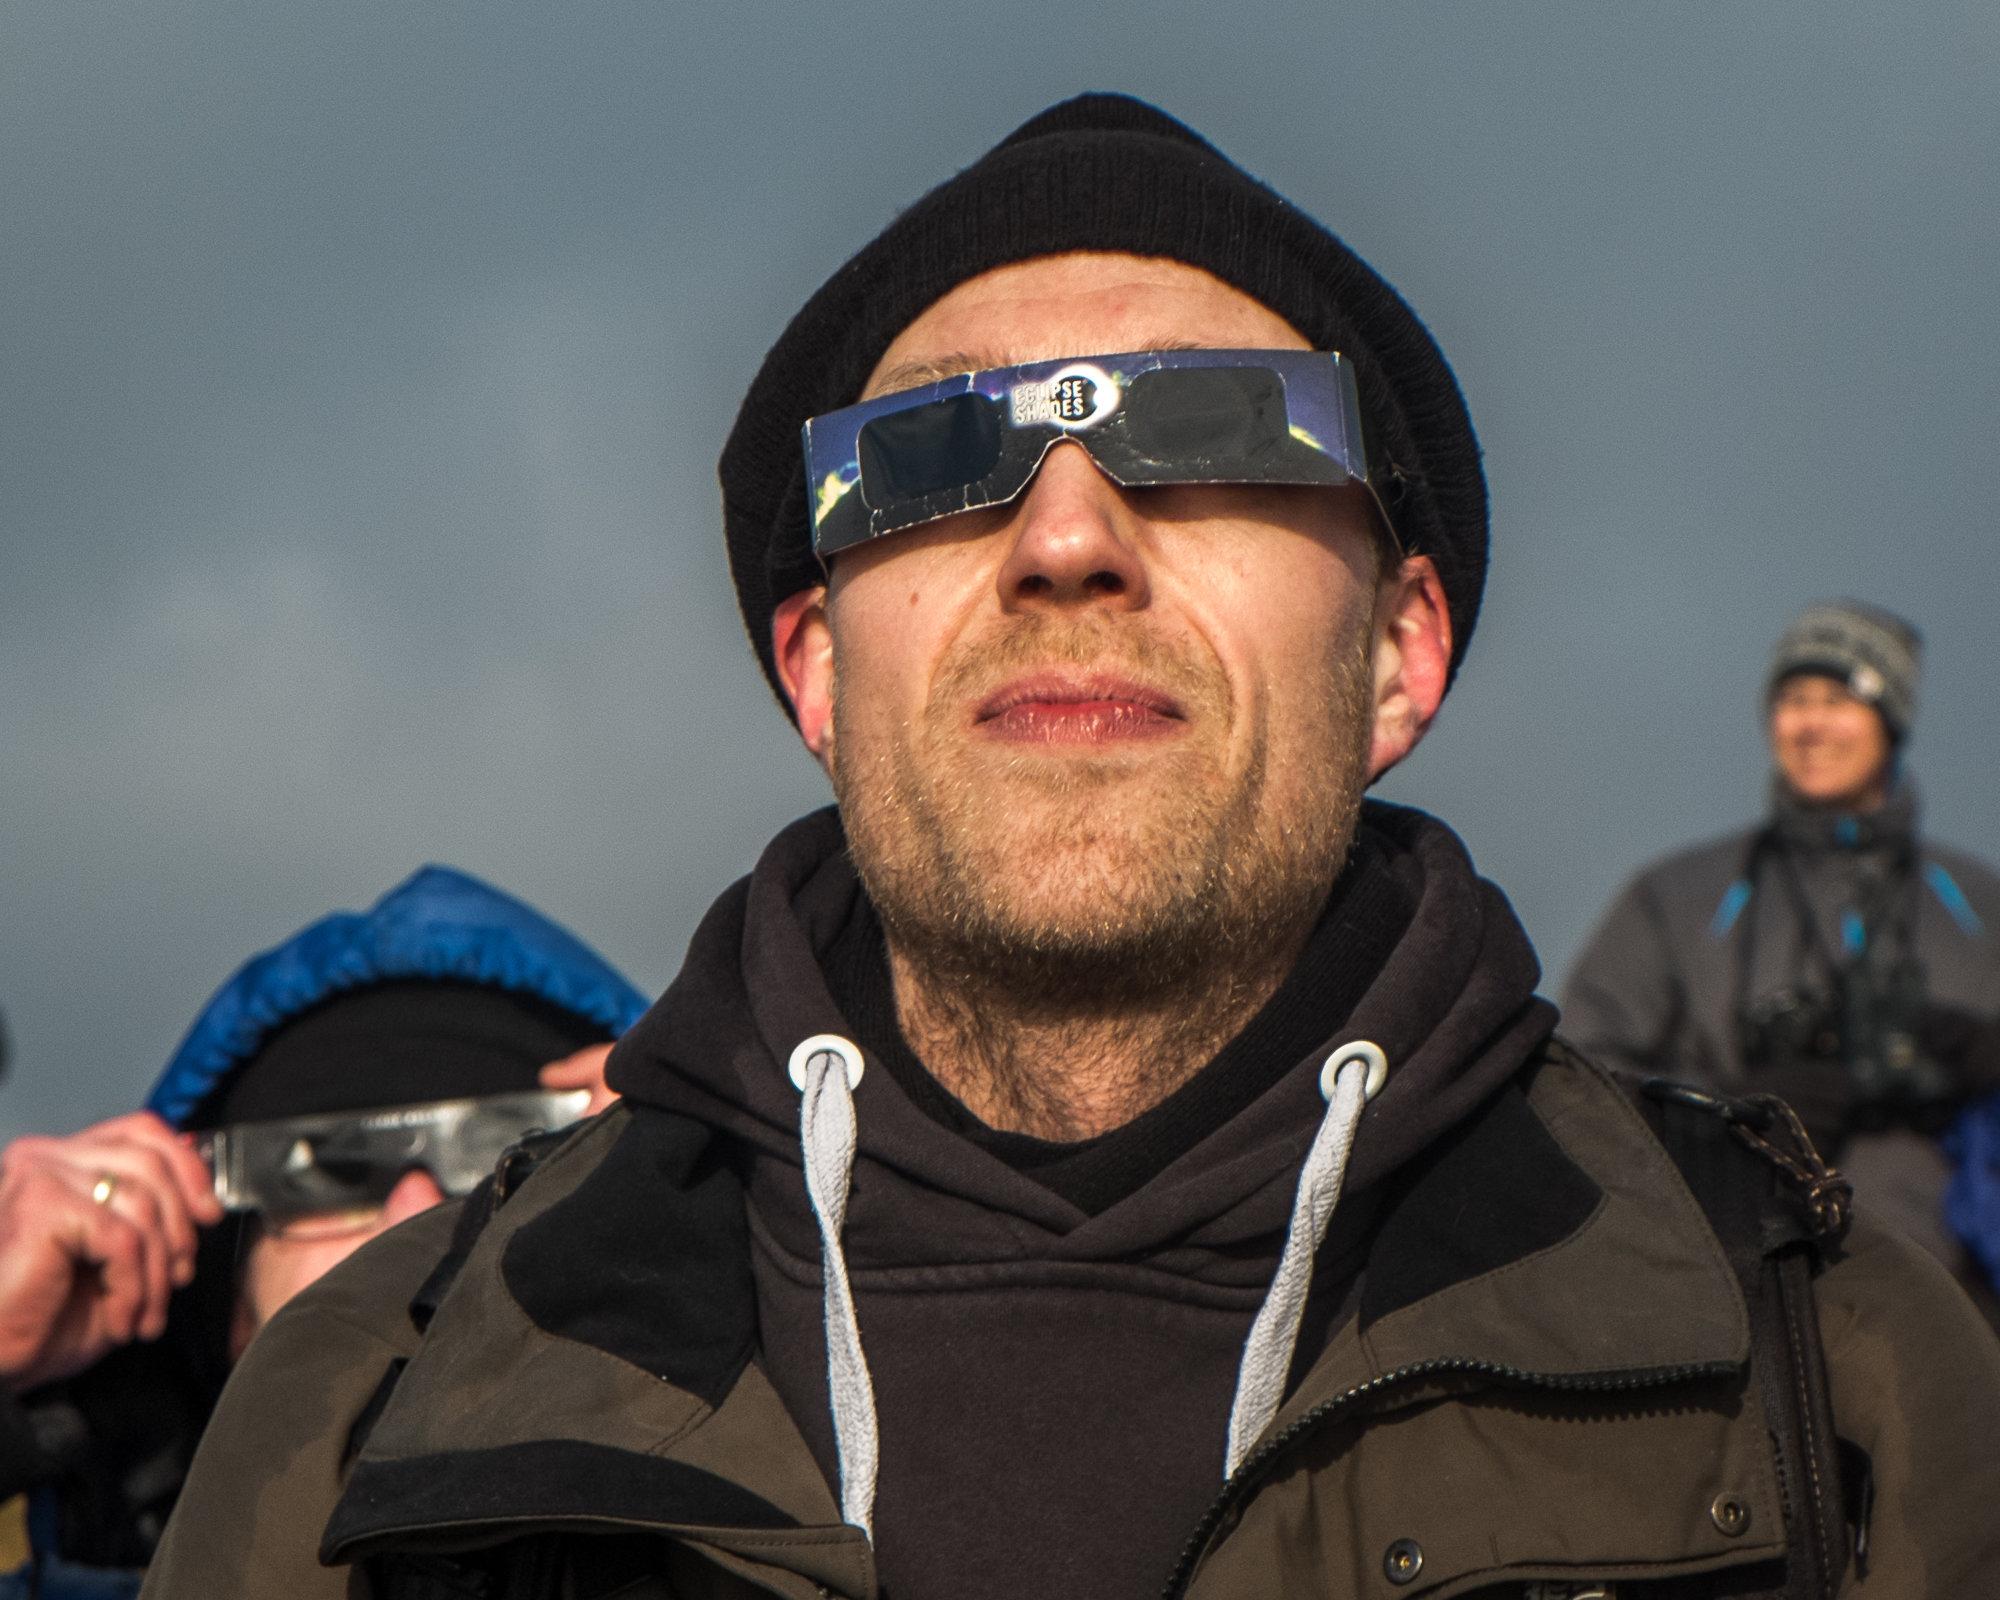 Faroe_Eclipse-9539.JPG